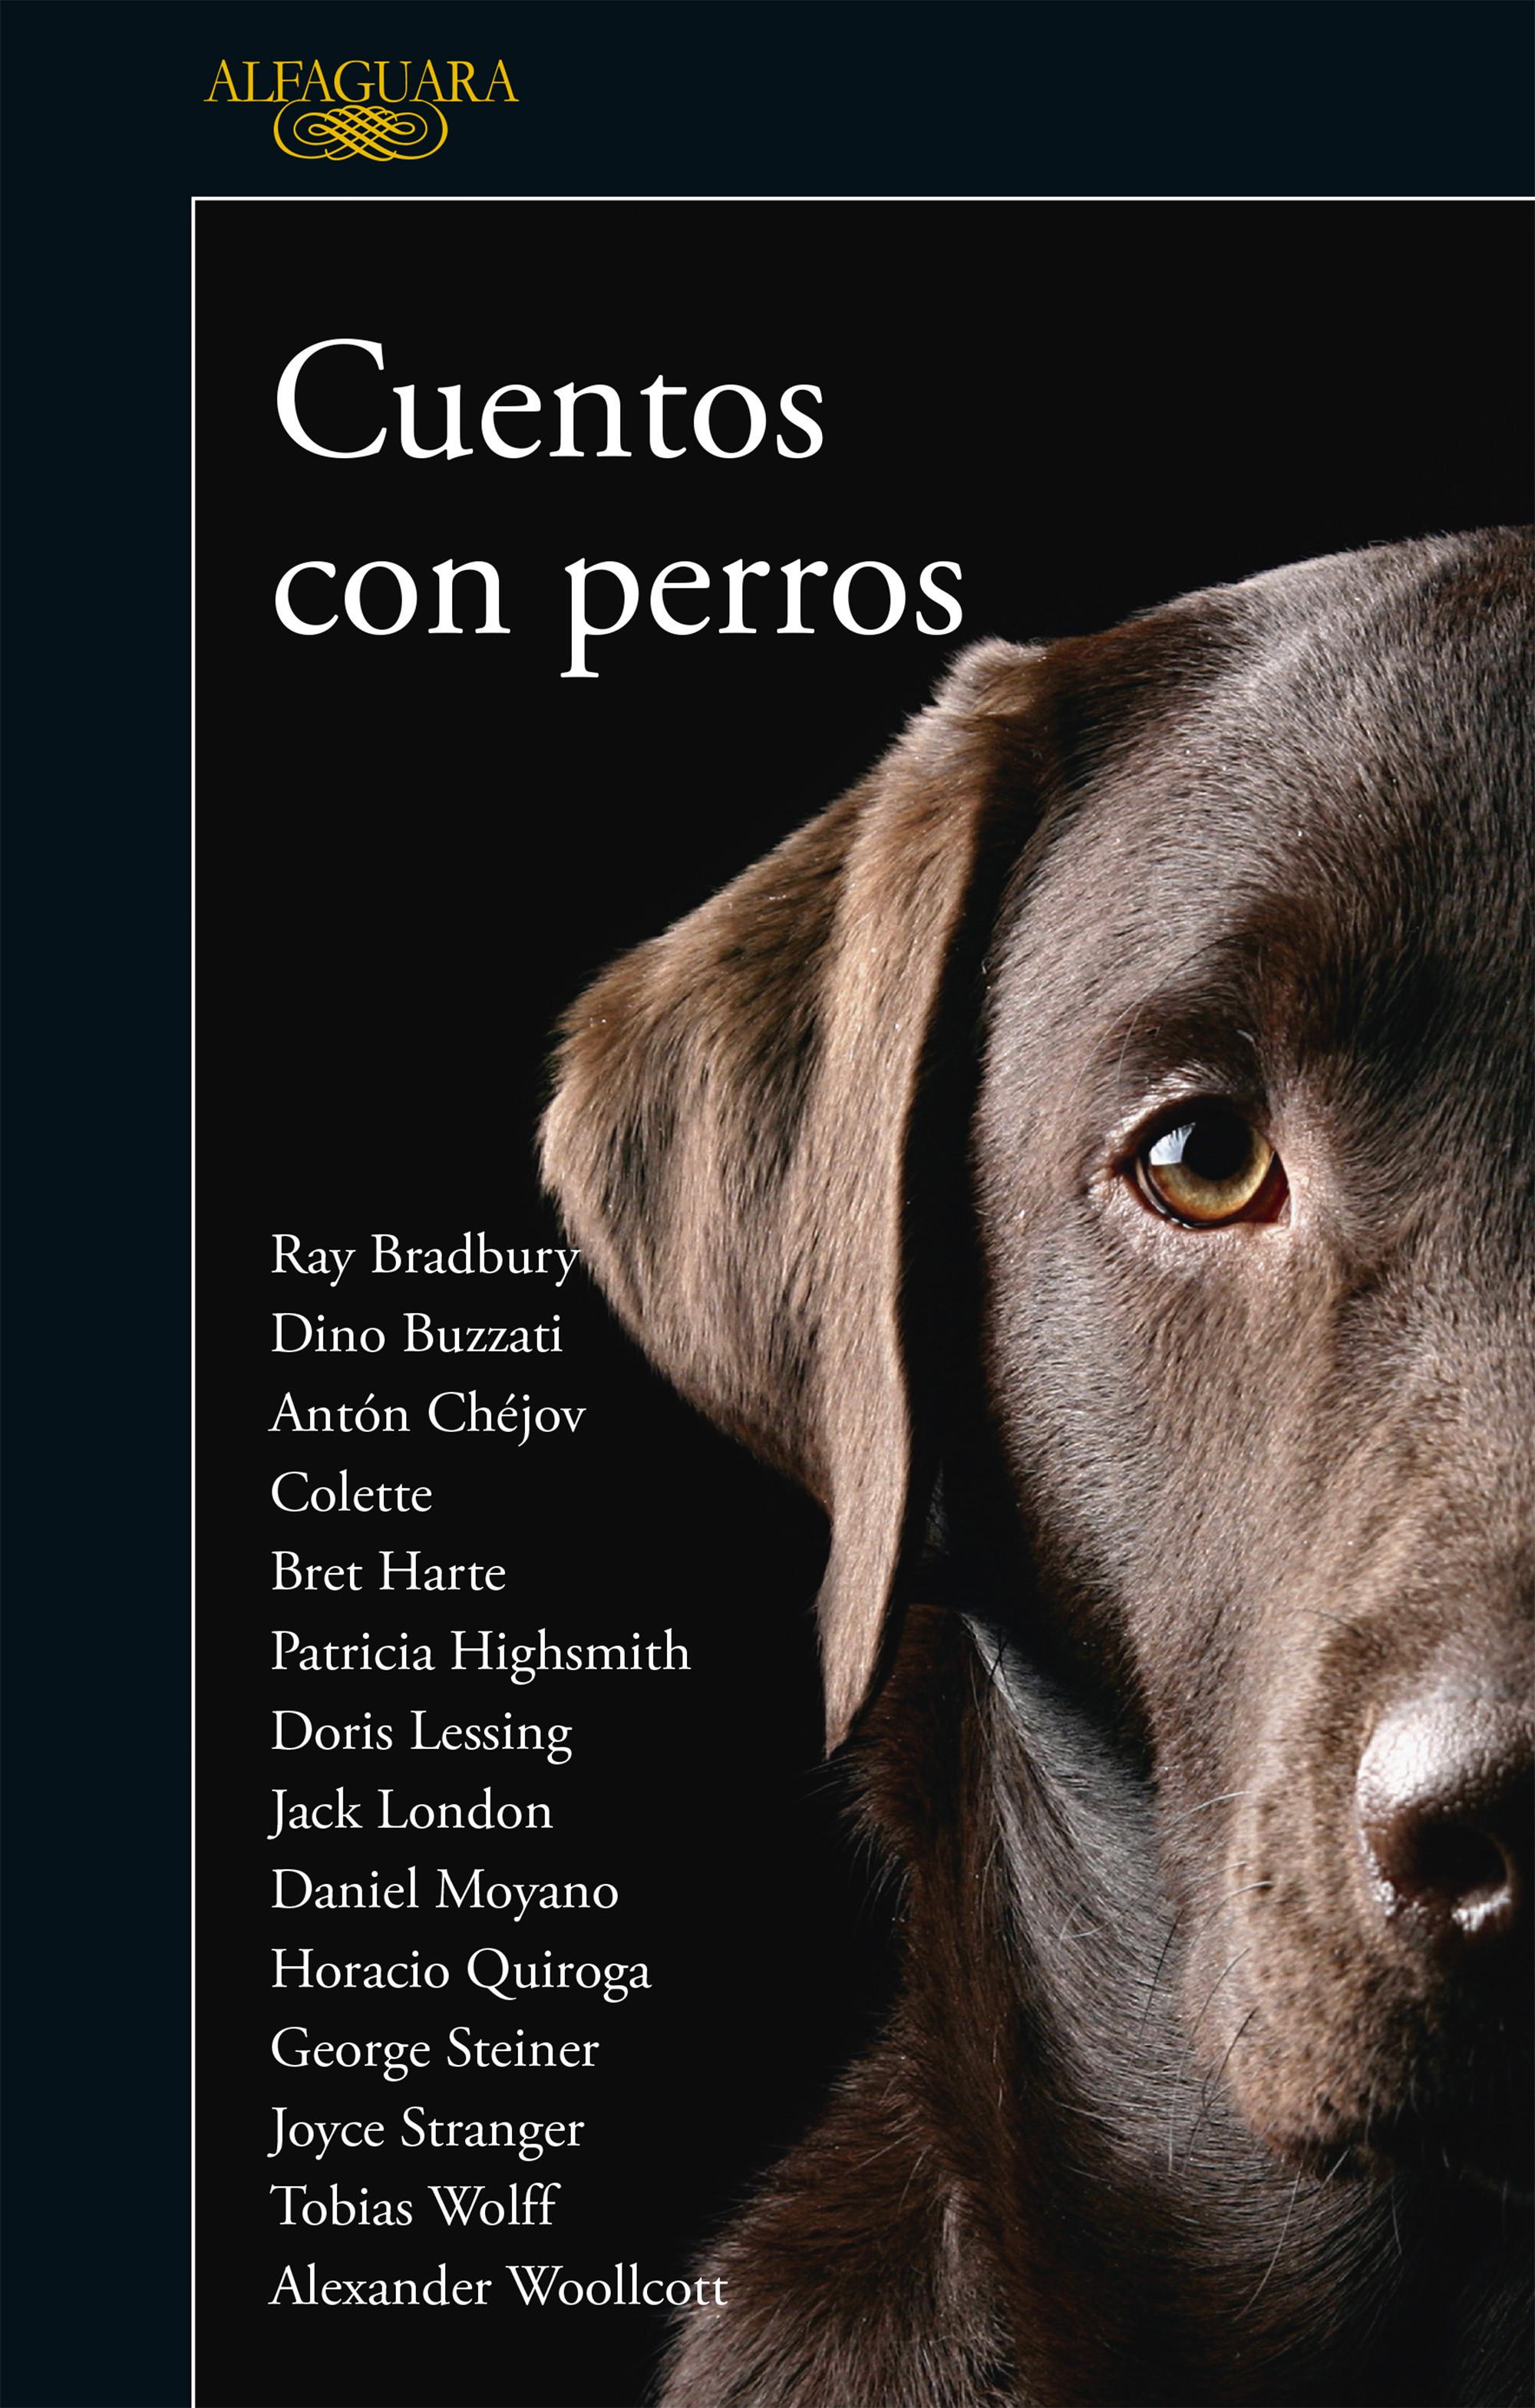 Cuentos con perros